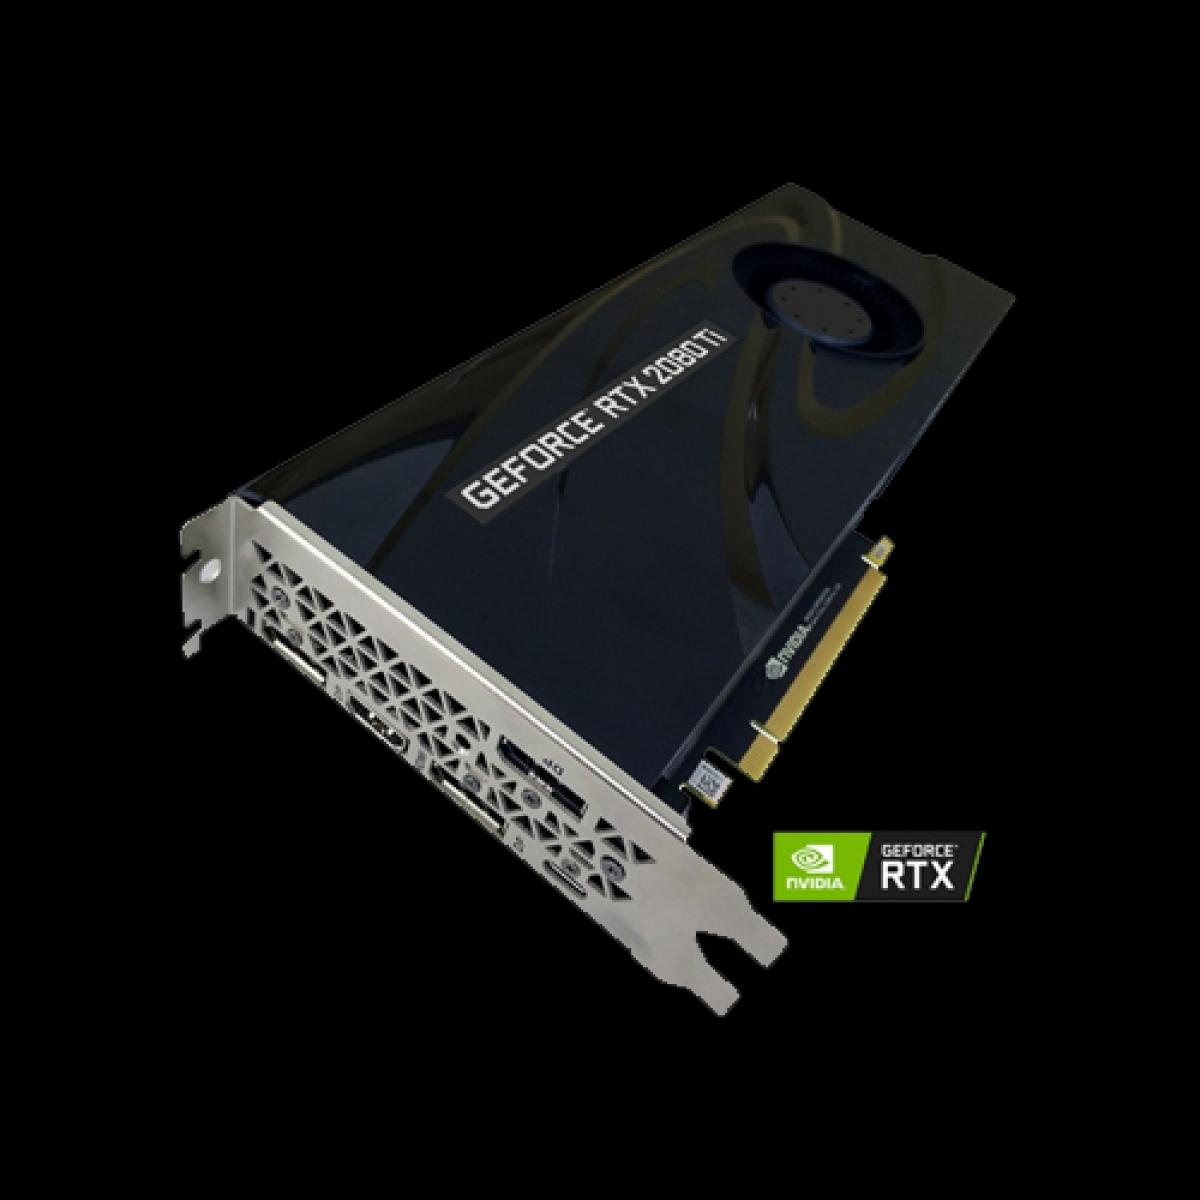 RTX 2080 Ti Blower Design